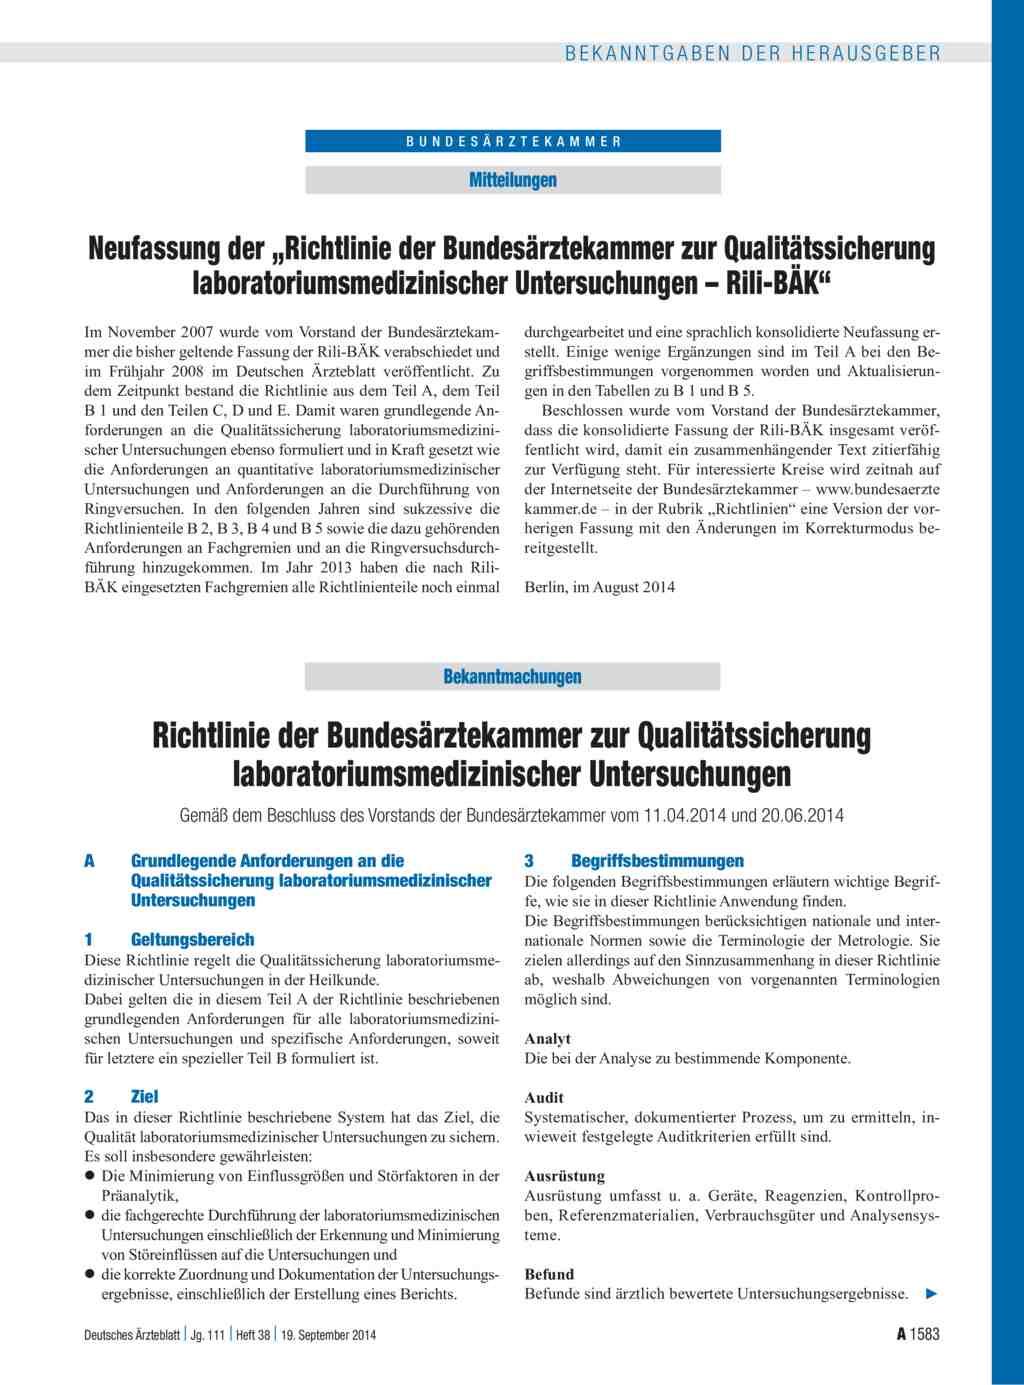 neufassung der richtlinie der bundesrztekammer zur qualittssicherung laboratoriumsmedizinischer untersuchungen rili bk richtlinie der - Verbrauchsguter Beispiele